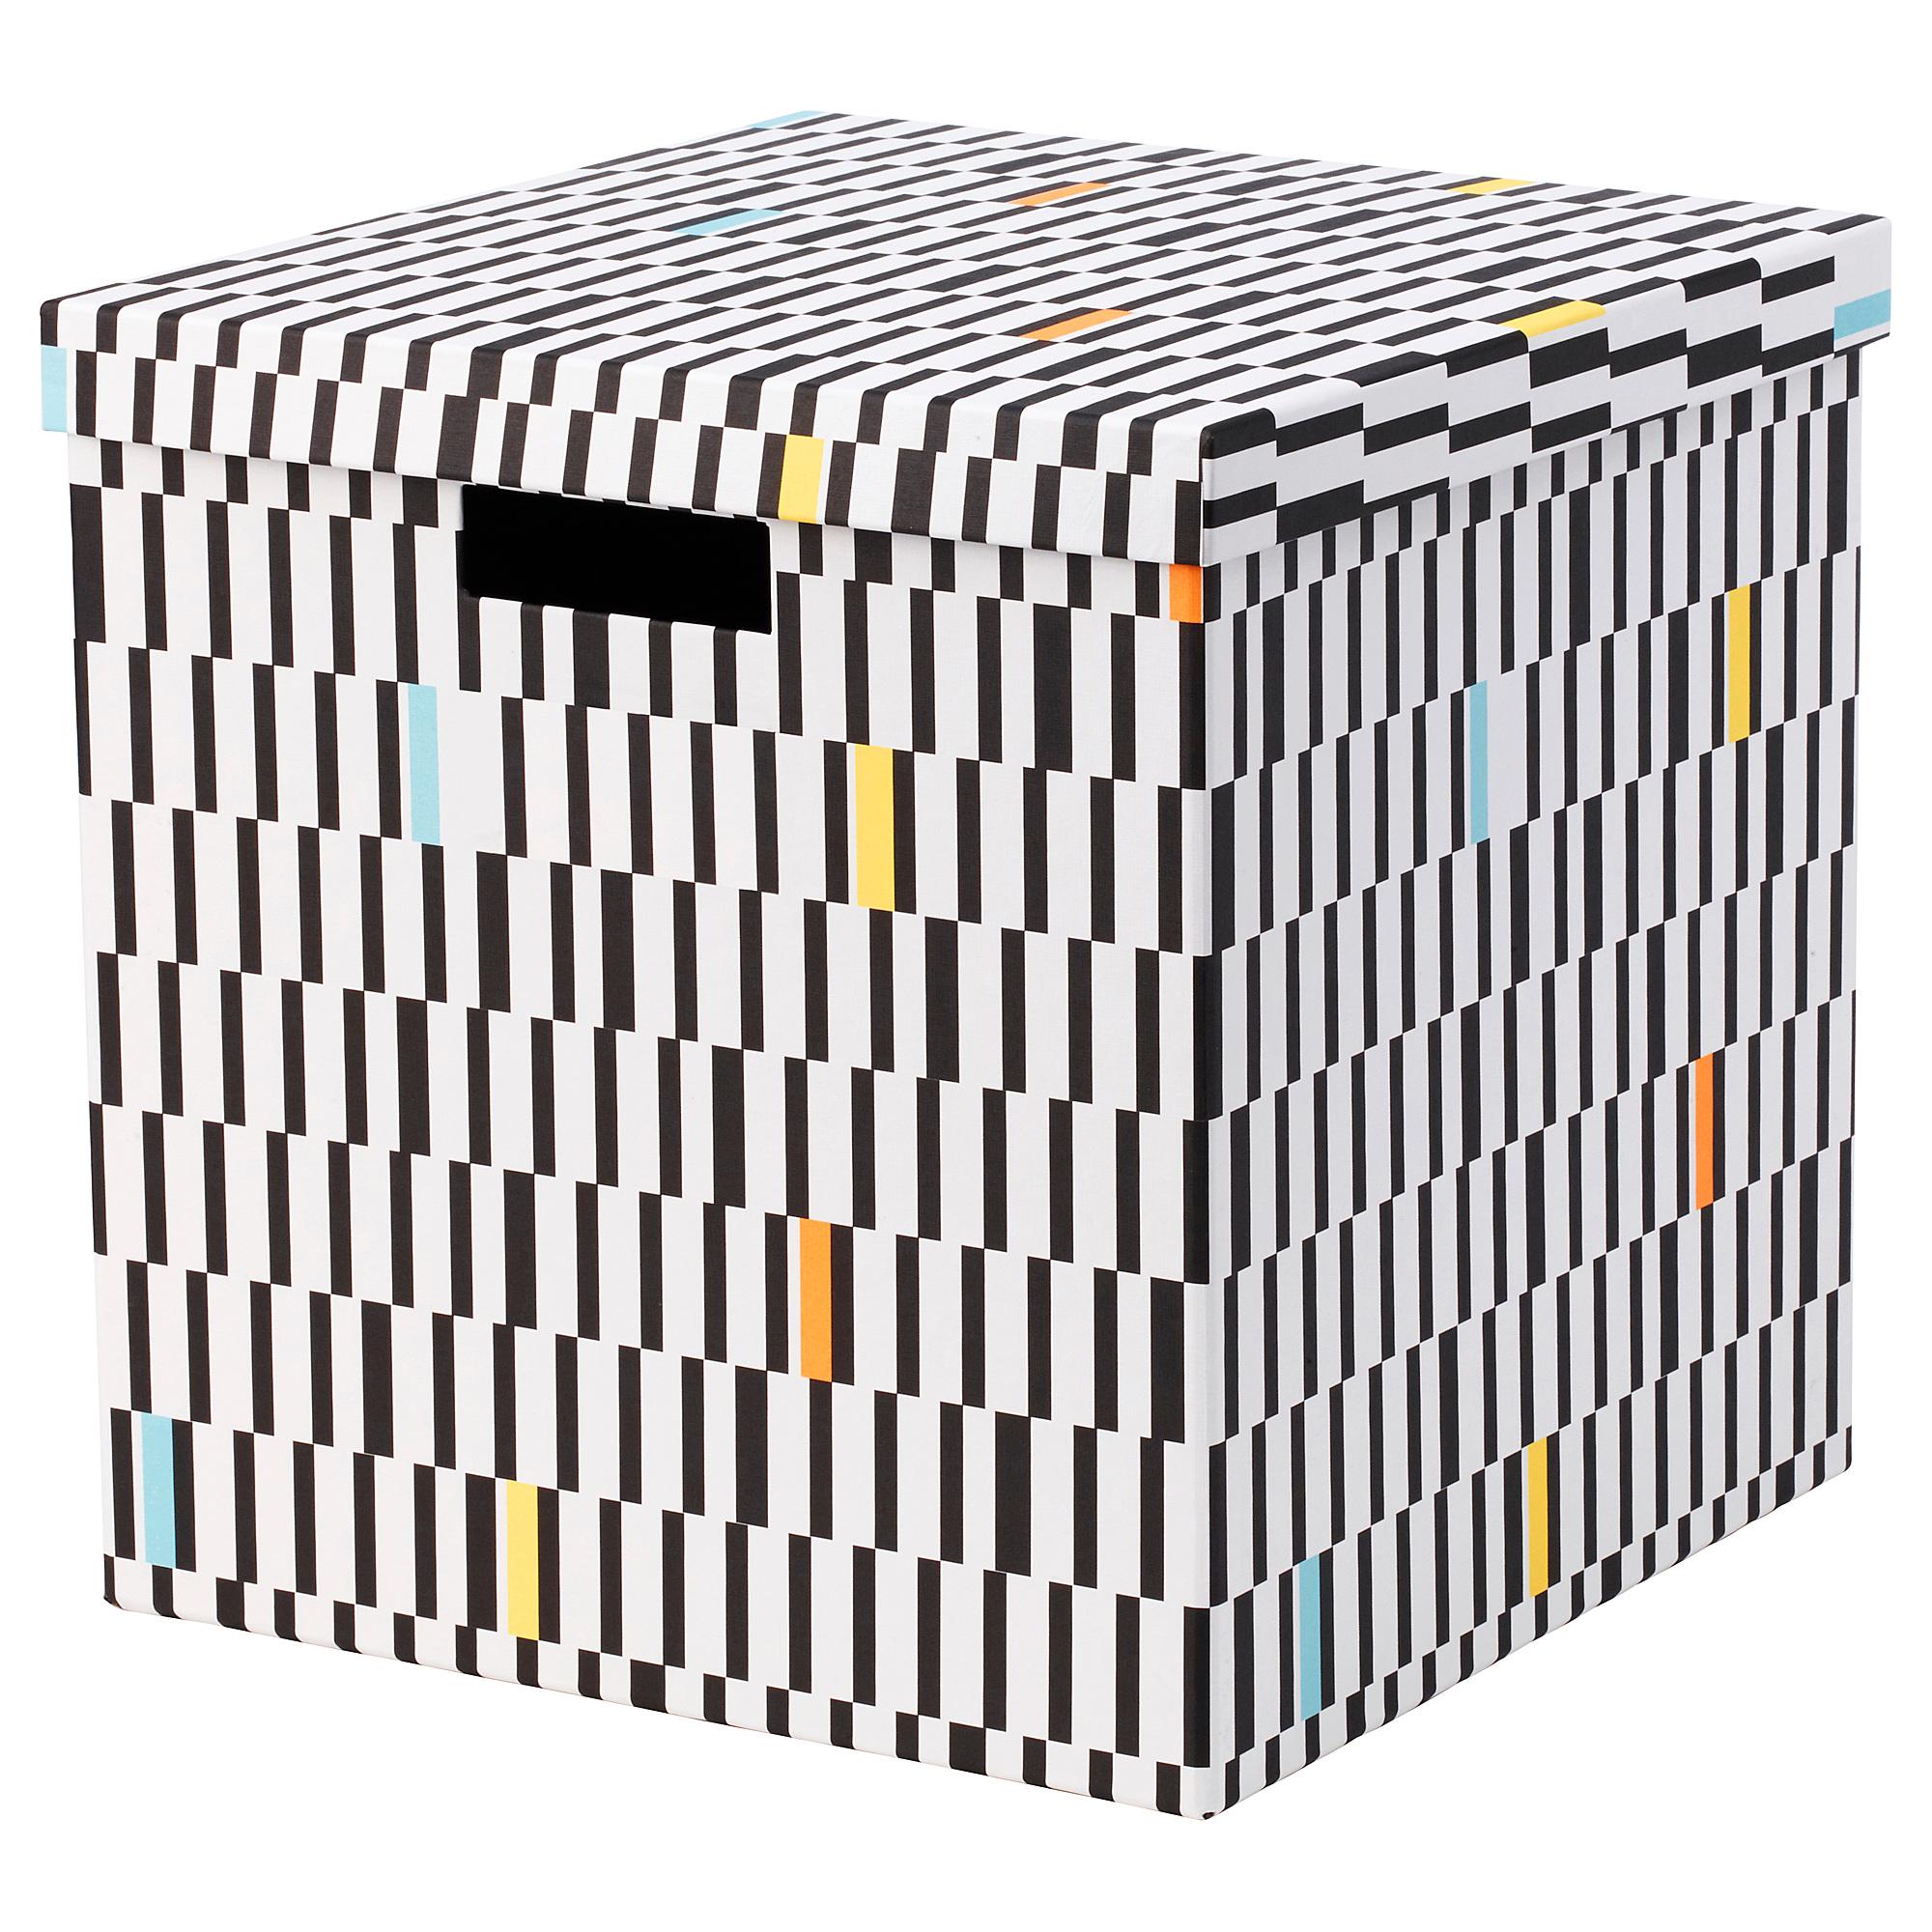 Коробка с крышкой ТЬЕНА черный/белый артикуль № 003.745.27 в наличии. Интернет магазин ИКЕА Беларусь. Недорогая доставка и установка.